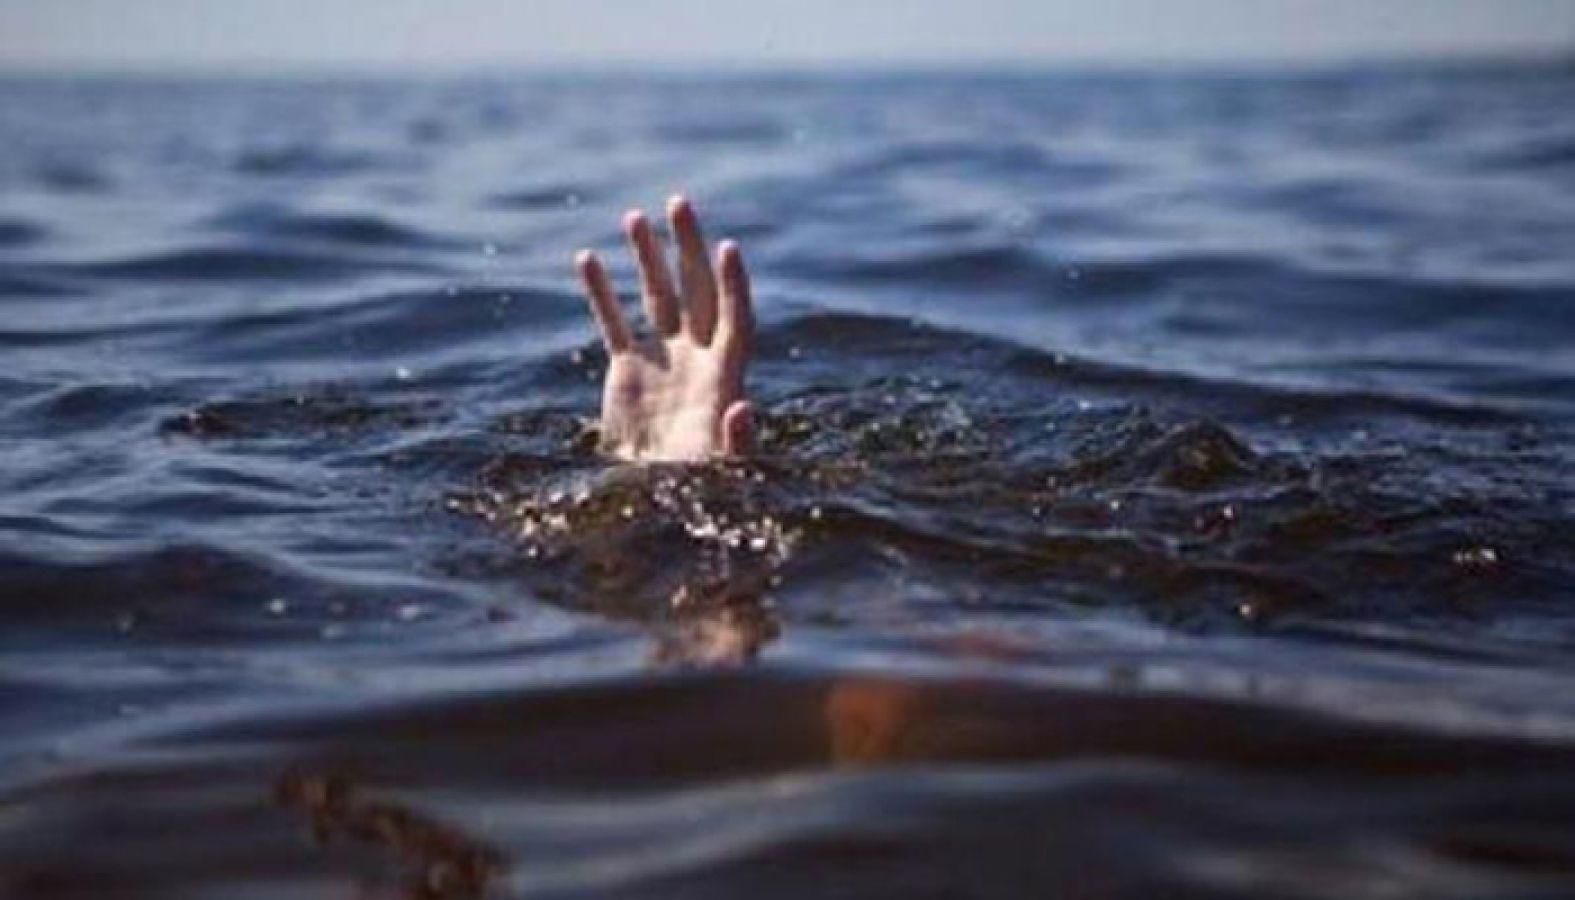 मूर्ति विसर्जन के दौरान गोमती नदी में डूबा किशोर, मौत